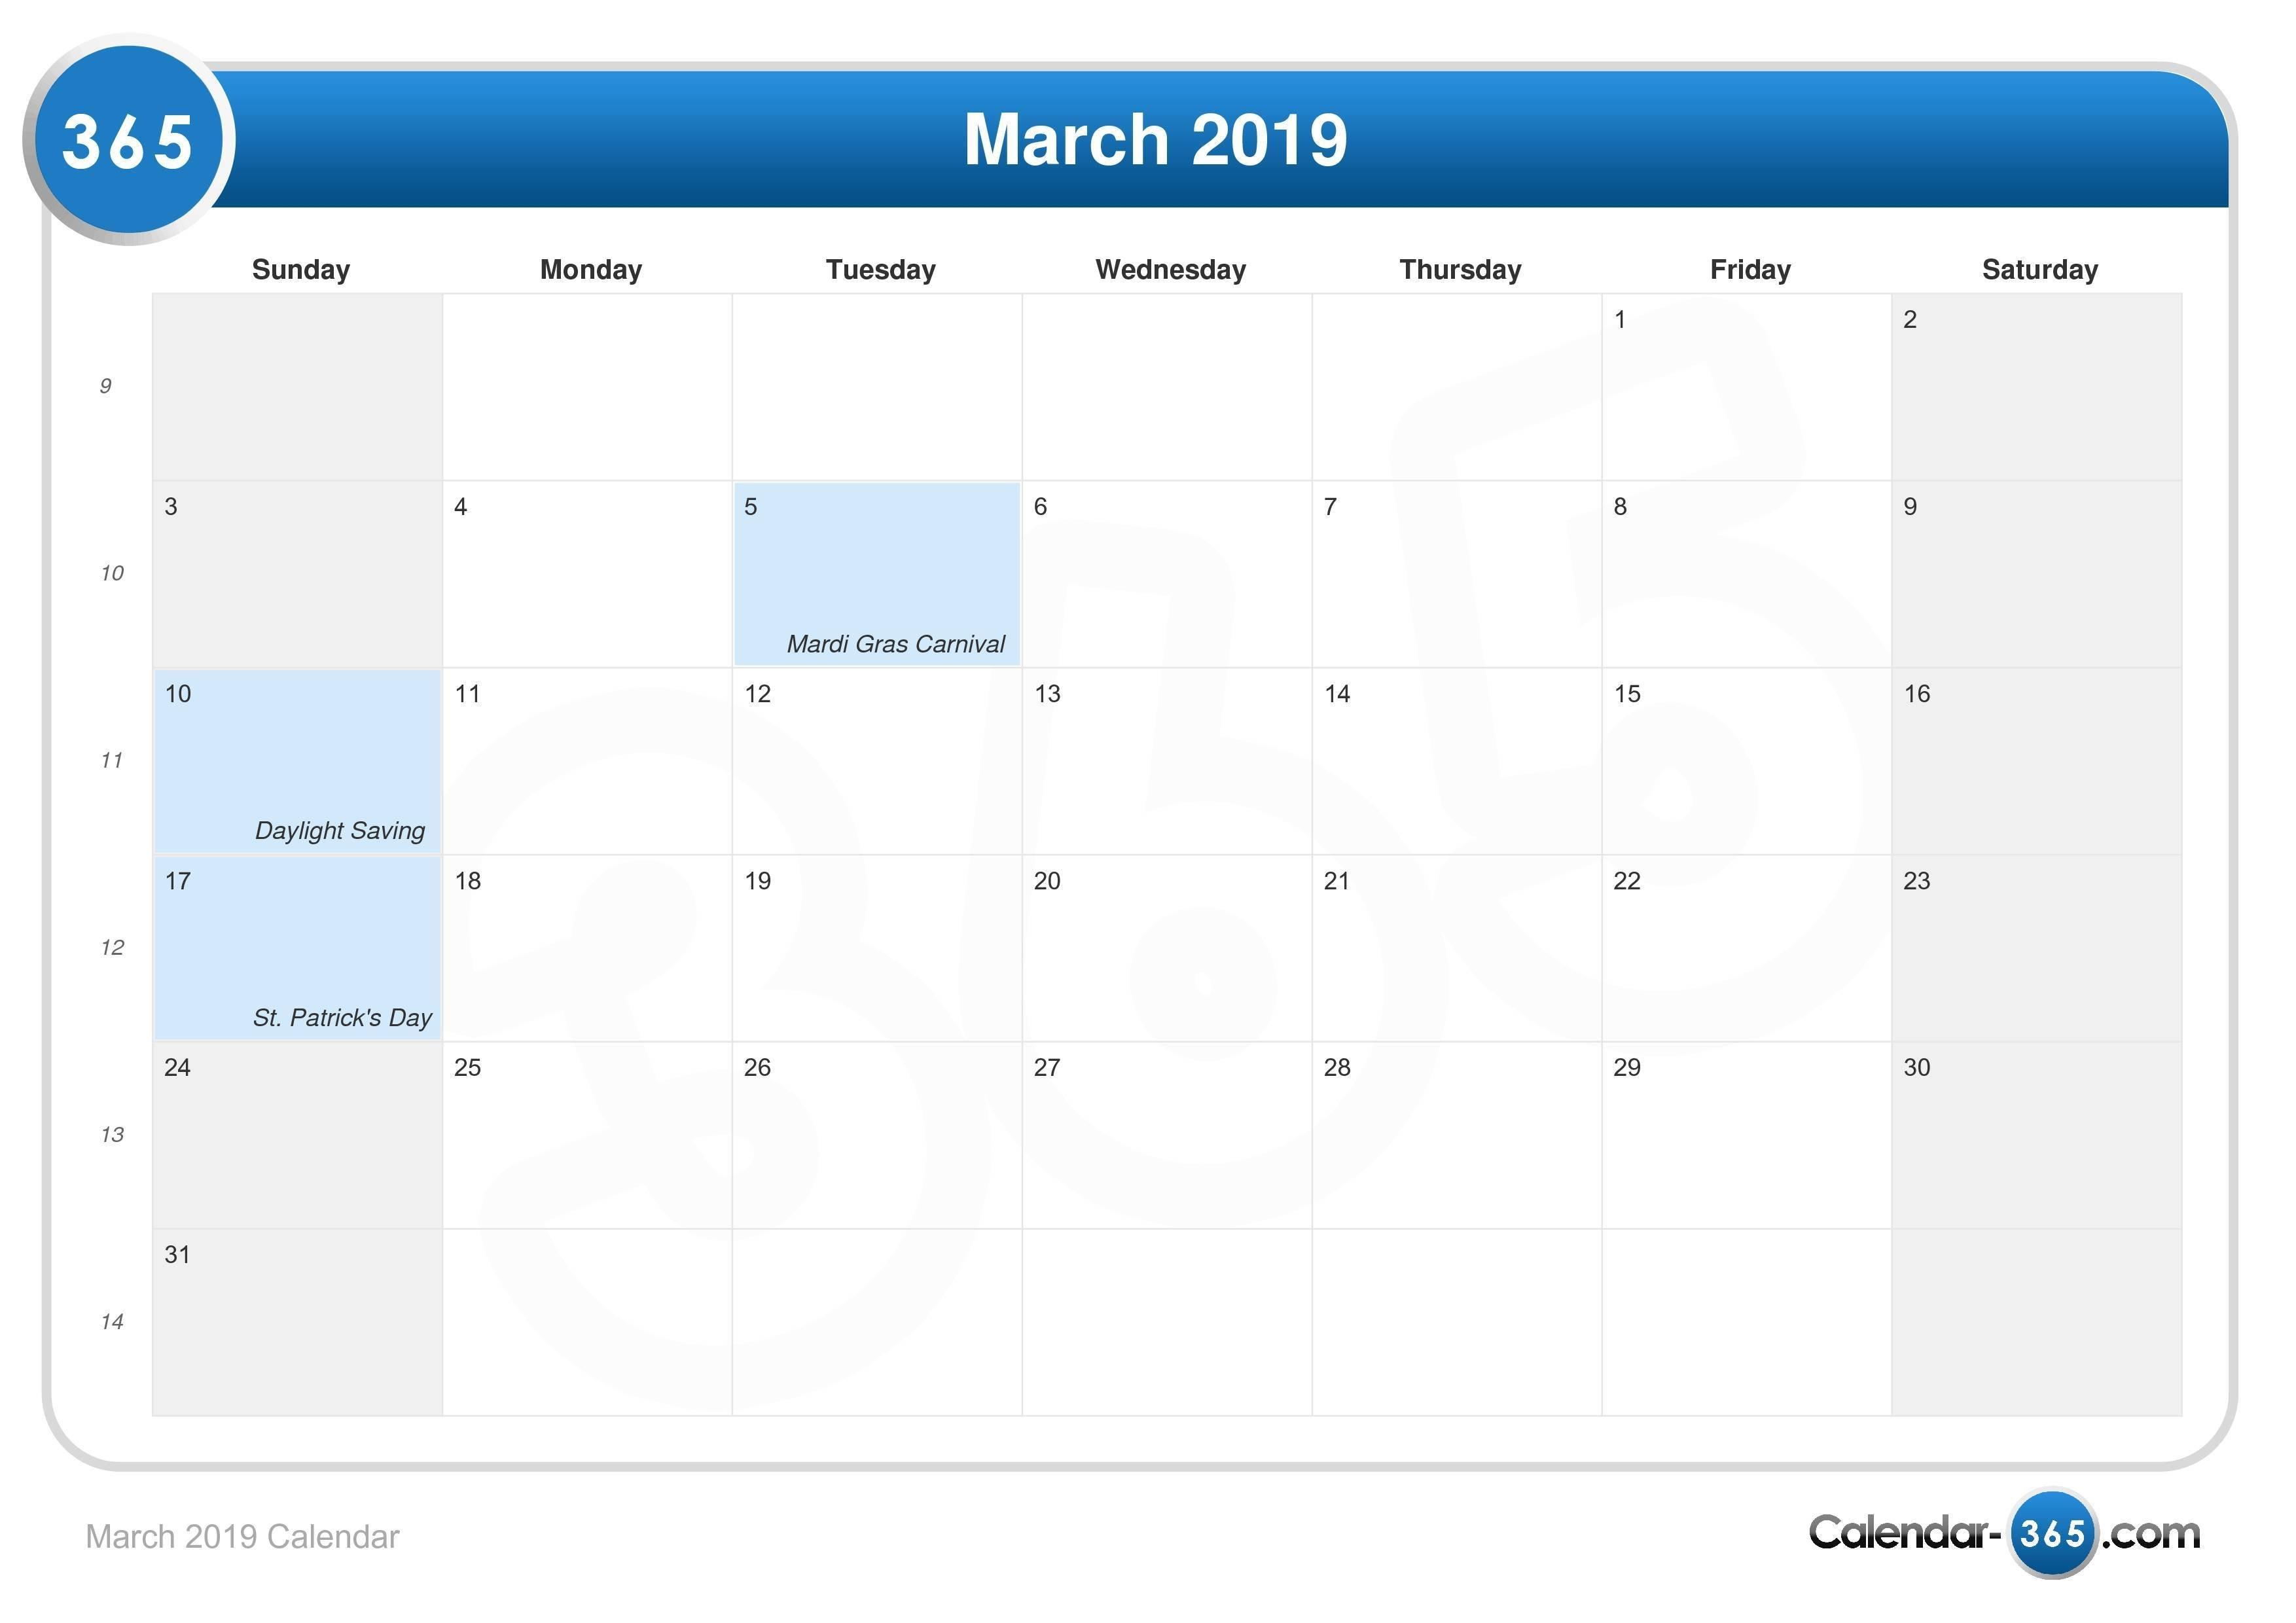 March 2019 Calendar March 6 2019 Calendar